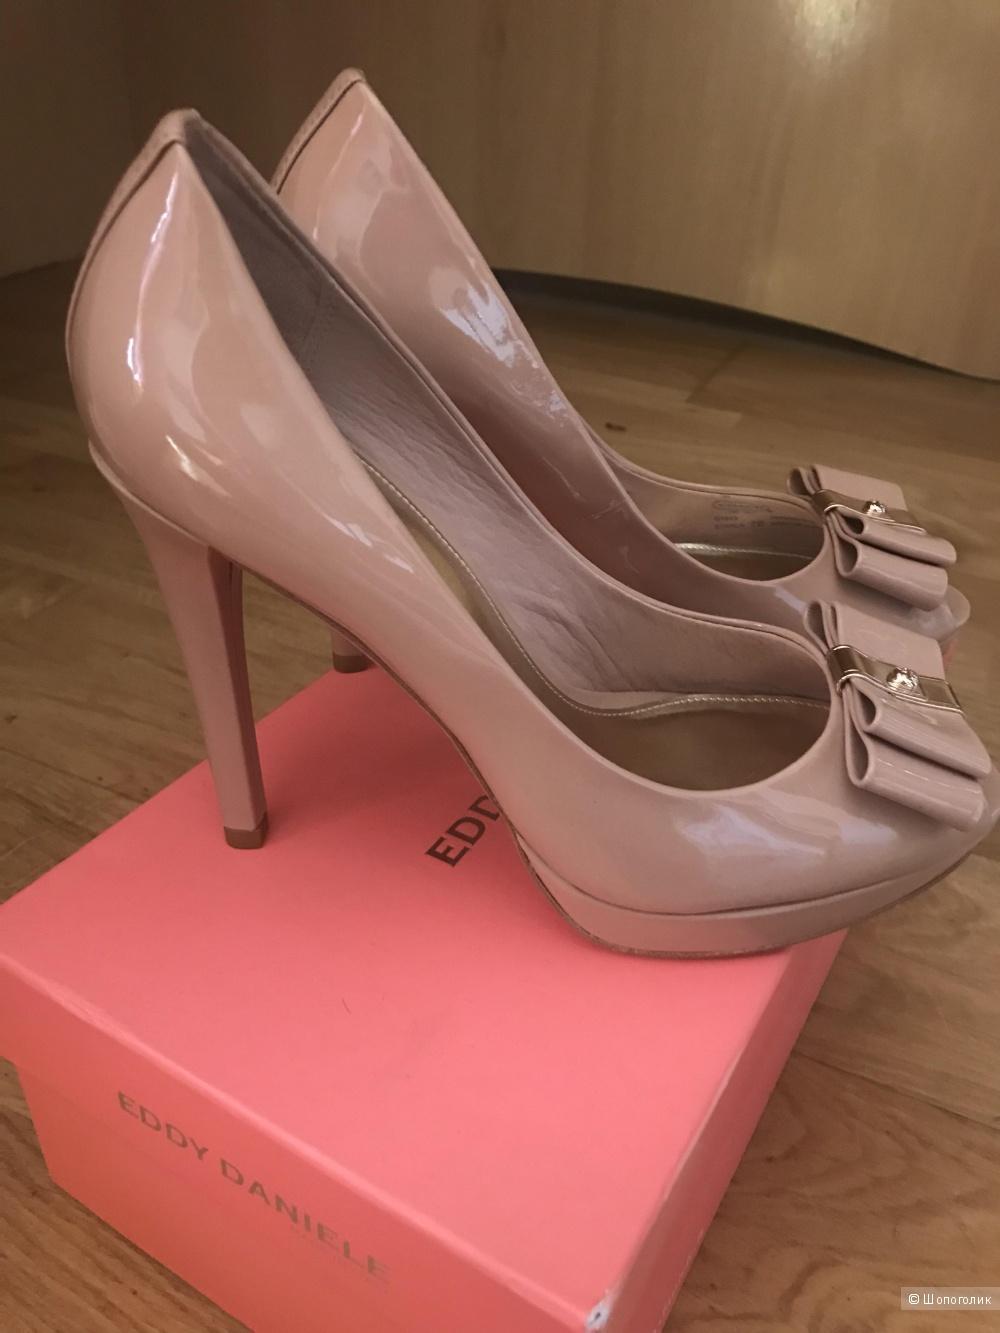 Туфли Coach 37 размер, в магазине Другой магазин — на Шопоголик 4d0c0c3cebd